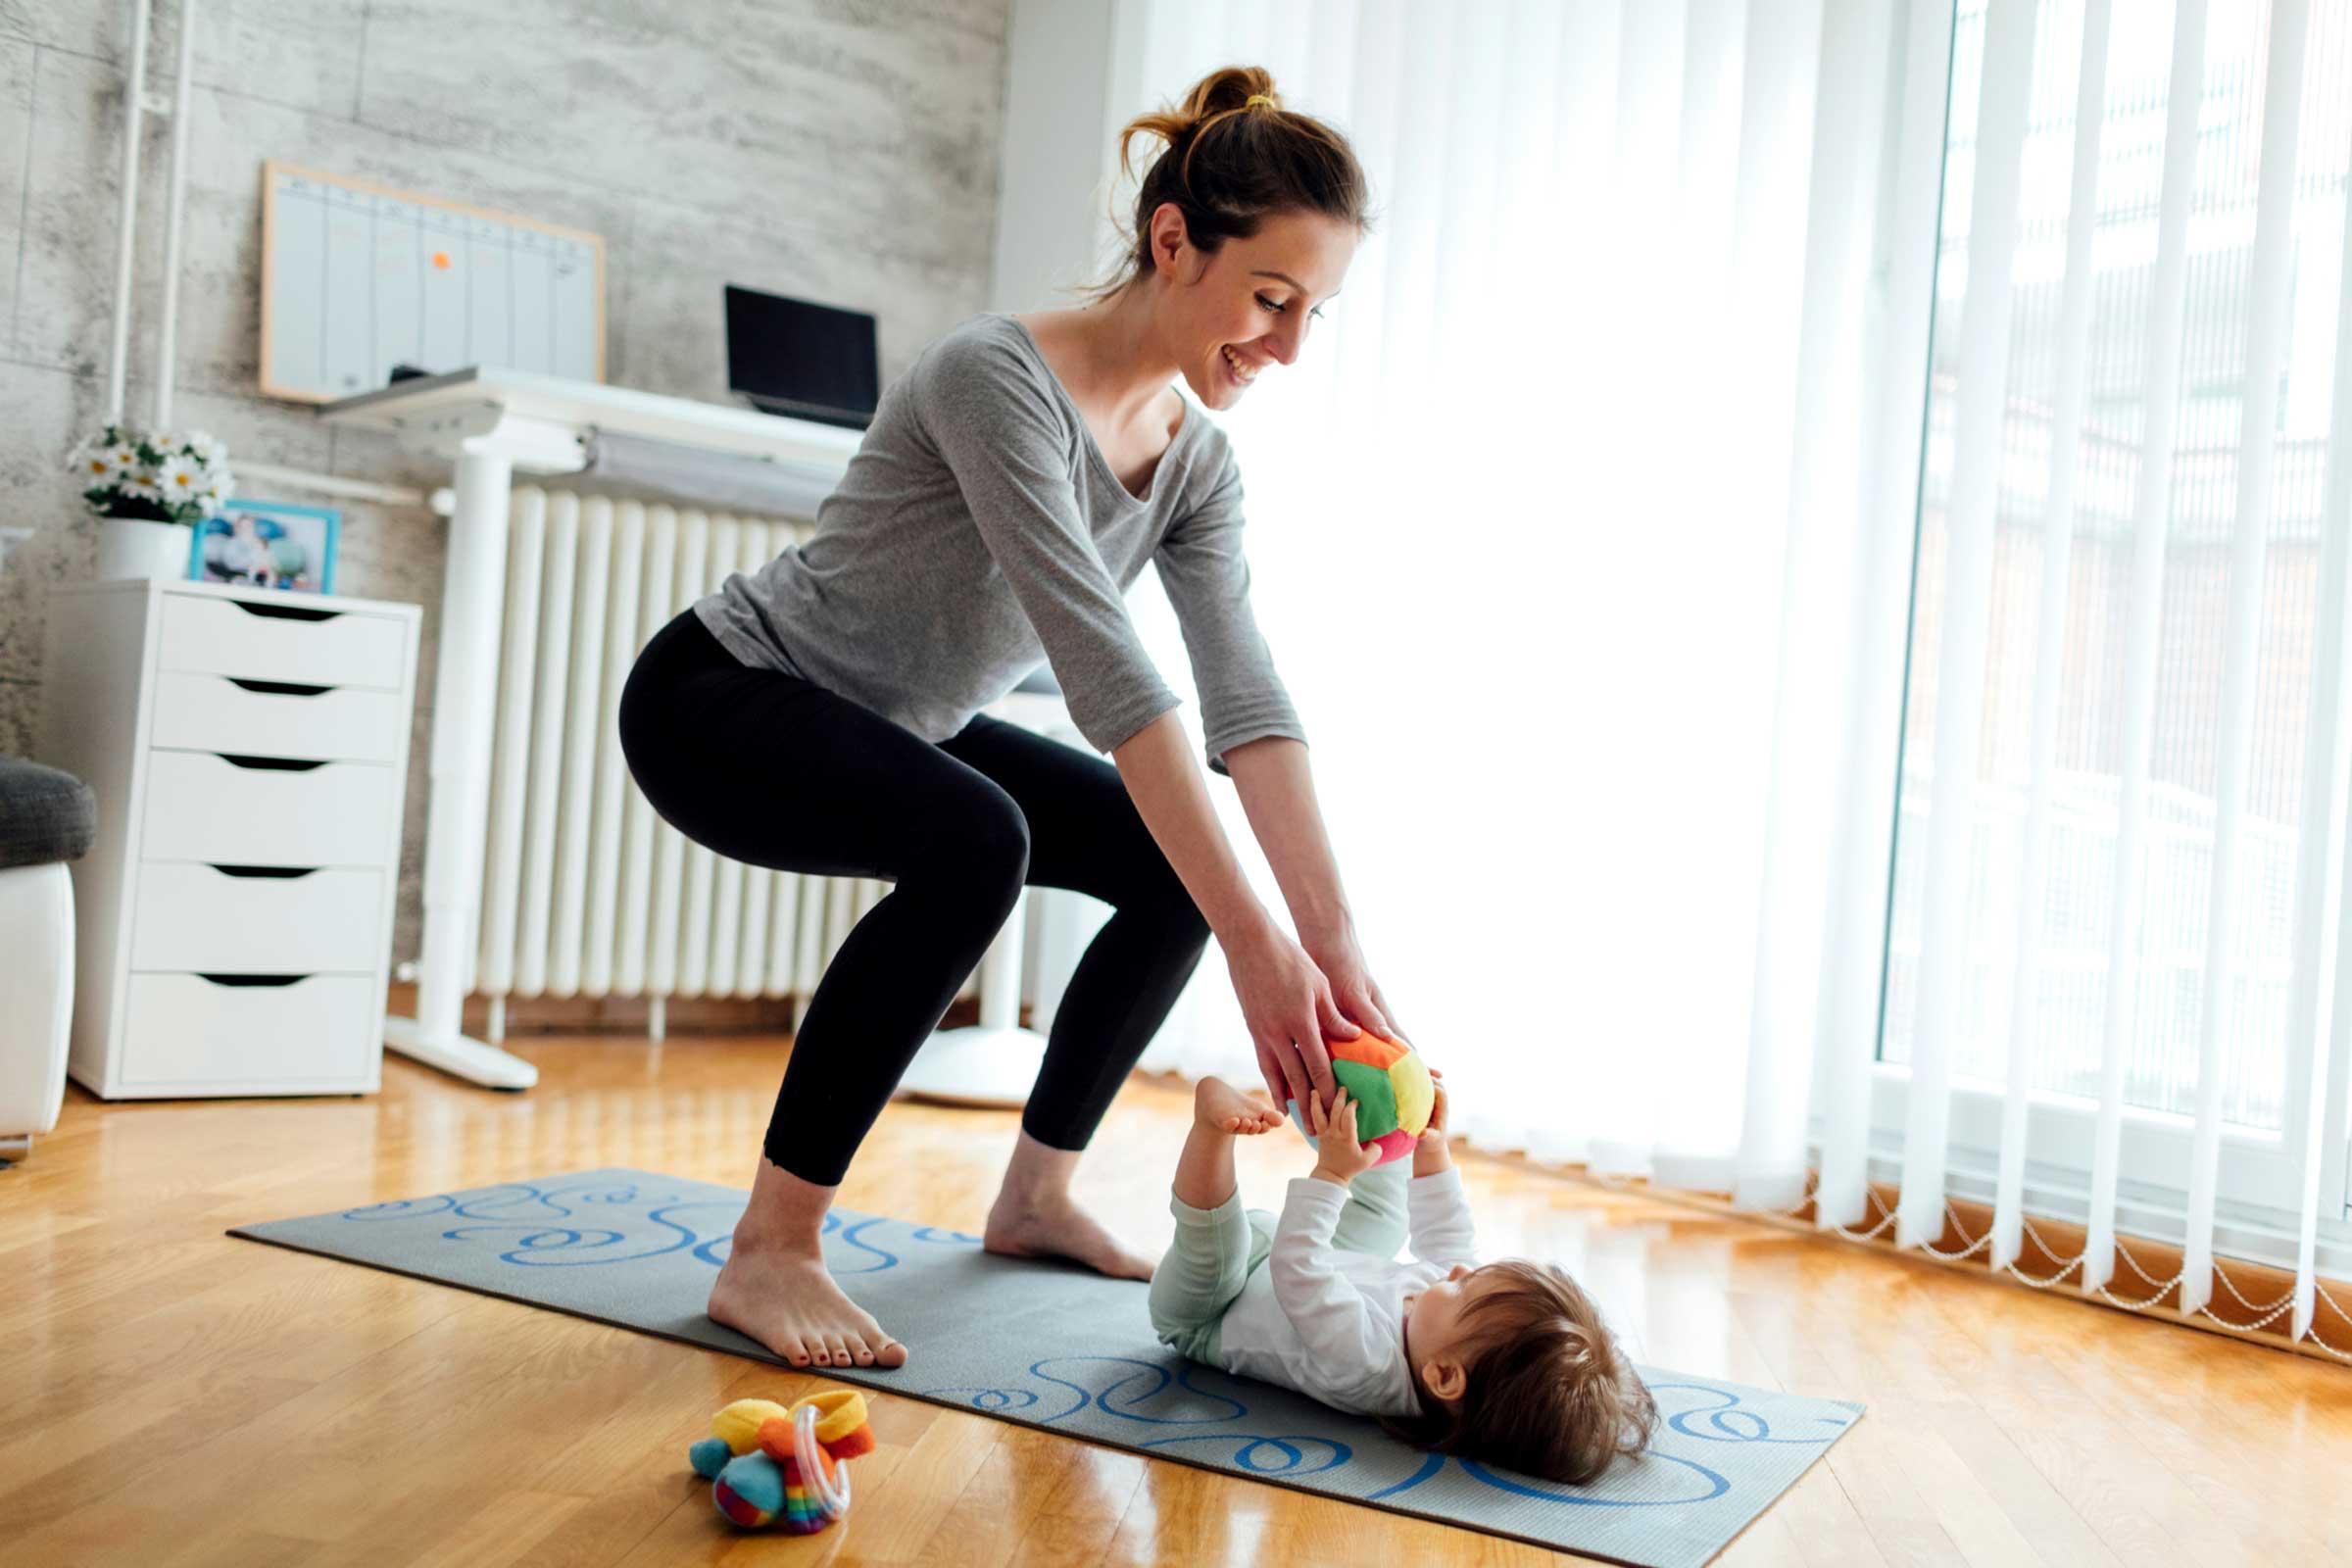 Exercice postpartum &quot;width =&quot; 2400 &quot;height =&quot; 1600 &quot;/&gt;</p><p>Vous avez peut-être déjà eu recours à la méthode Pilates pour vous aider à passer votre semaine, mais vous devrez peut-être au moins changer les choses. Le problème de ce type d'exercices, mais également de crunches, c'est qu'ils exercent une forte pression sur le plancher pelvien. Le résultat est que la guérison de cette région peut prendre plus longtemps et, dans le pire des cas, vous pouvez même mettre vos organes en péril.</p><p>En tant que tel, concentrez-vous sur le renforcement de ce domaine. Jetez un coup d&#39;œil à l&#39;une des nombreuses <a href=